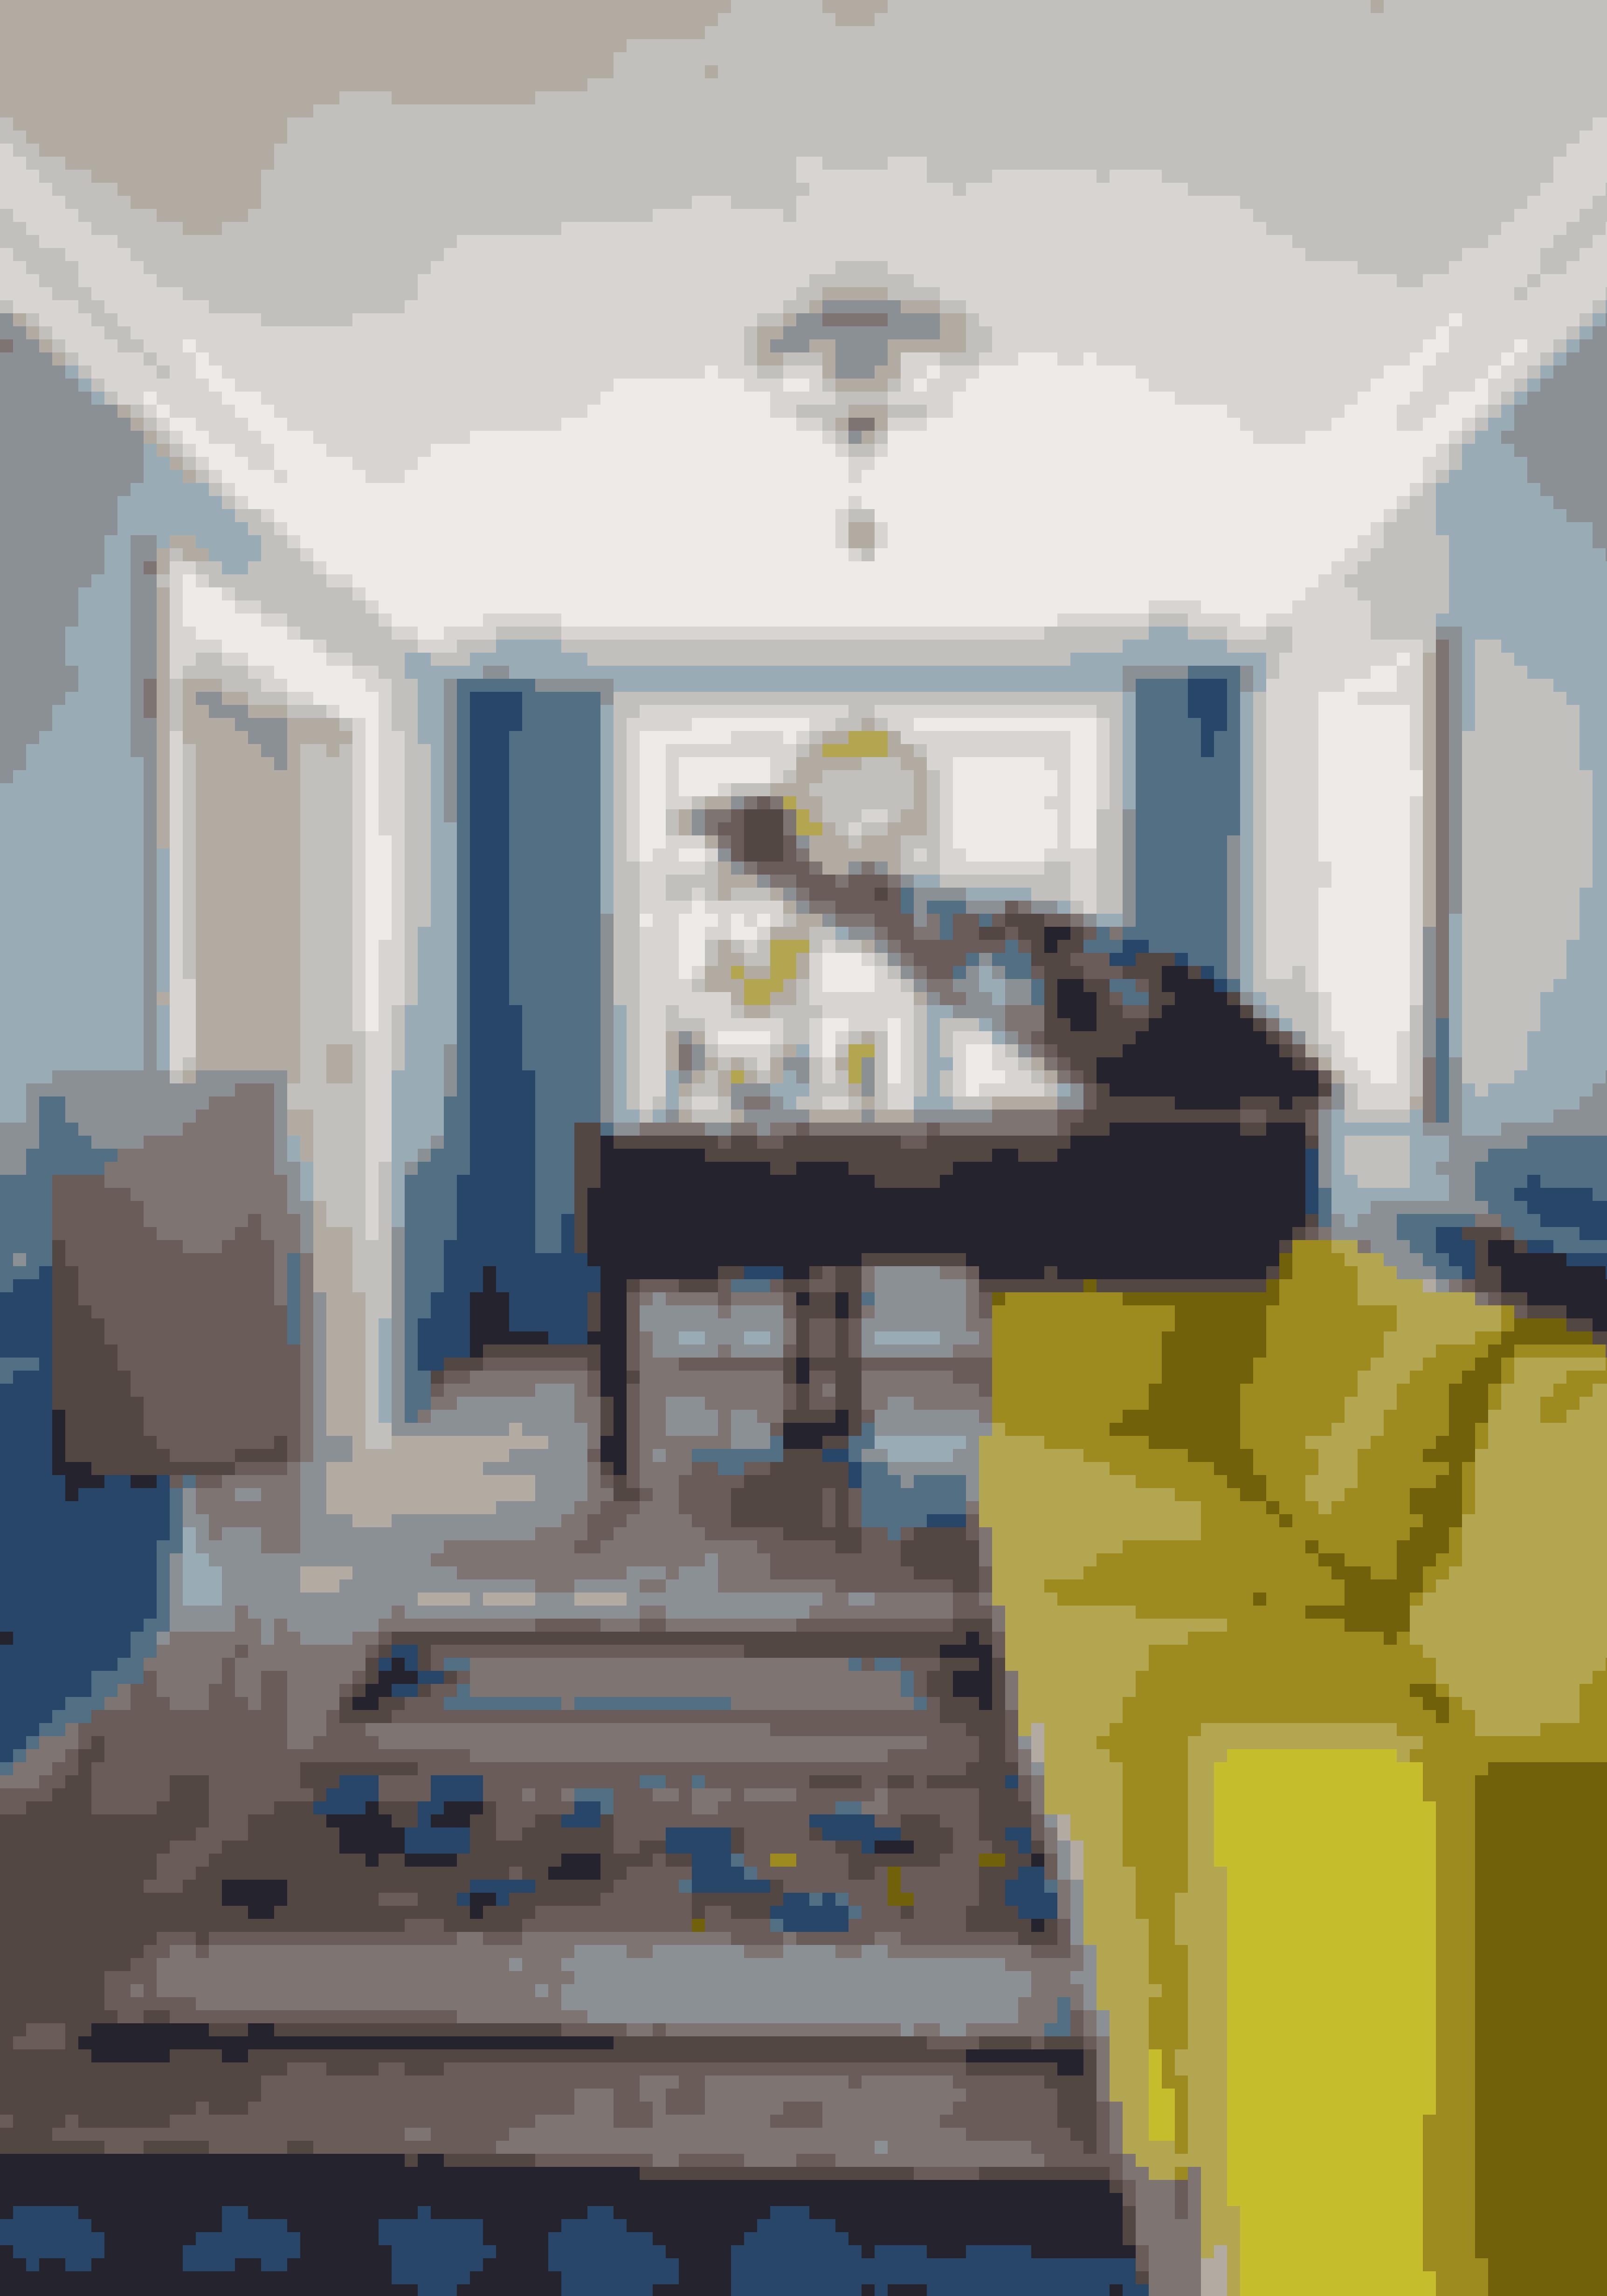 Er du modig nok til at vælge en gul sofa? Hvis du bruger farver som konsekvent indretningselement, så kan det sagtens lade sig gøre.